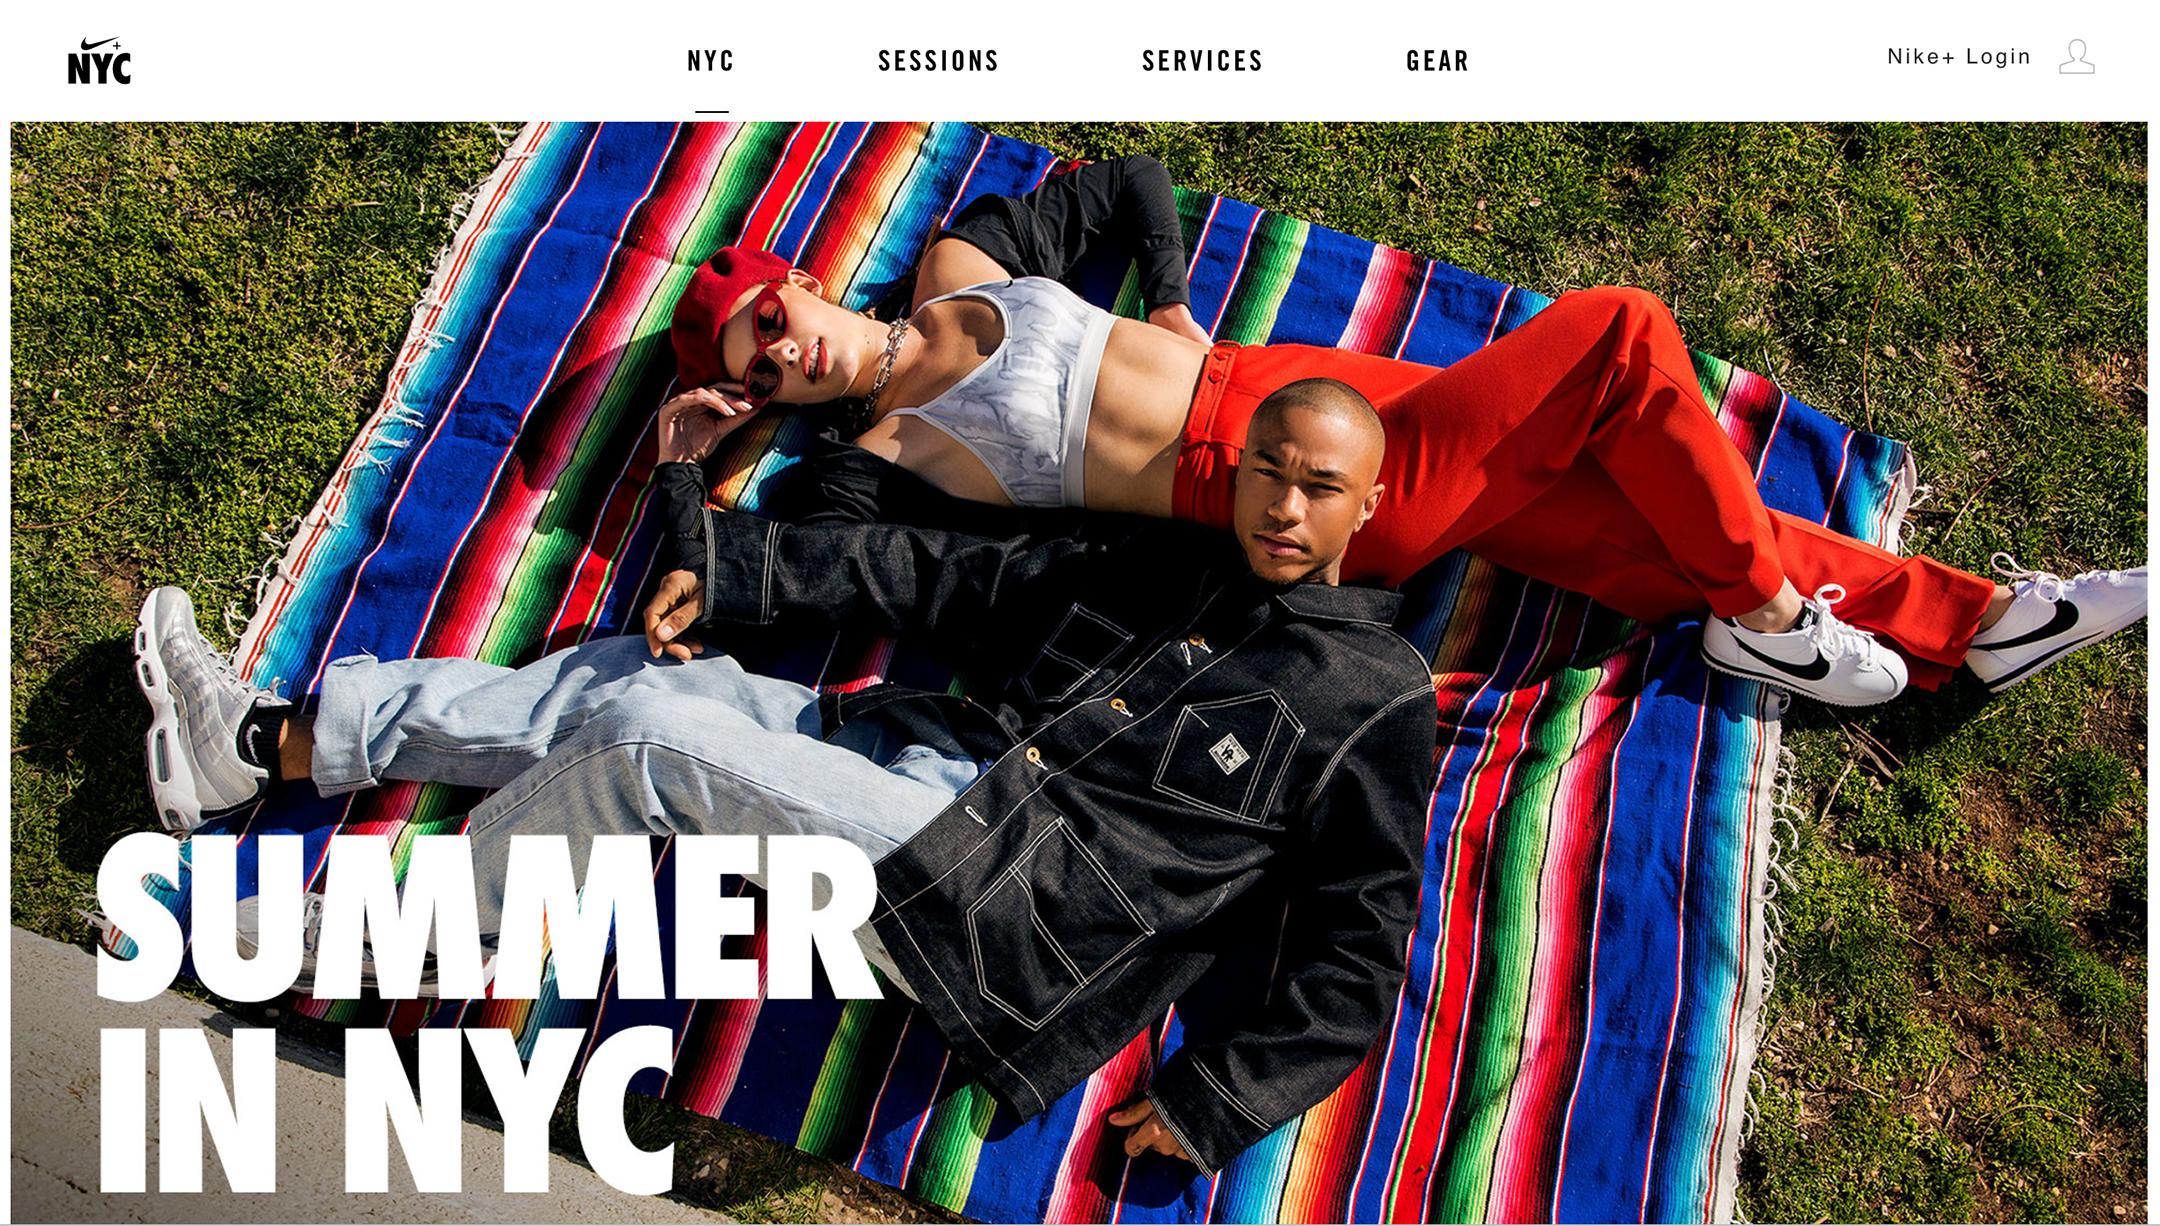 summer in NYC NIKE.jpg